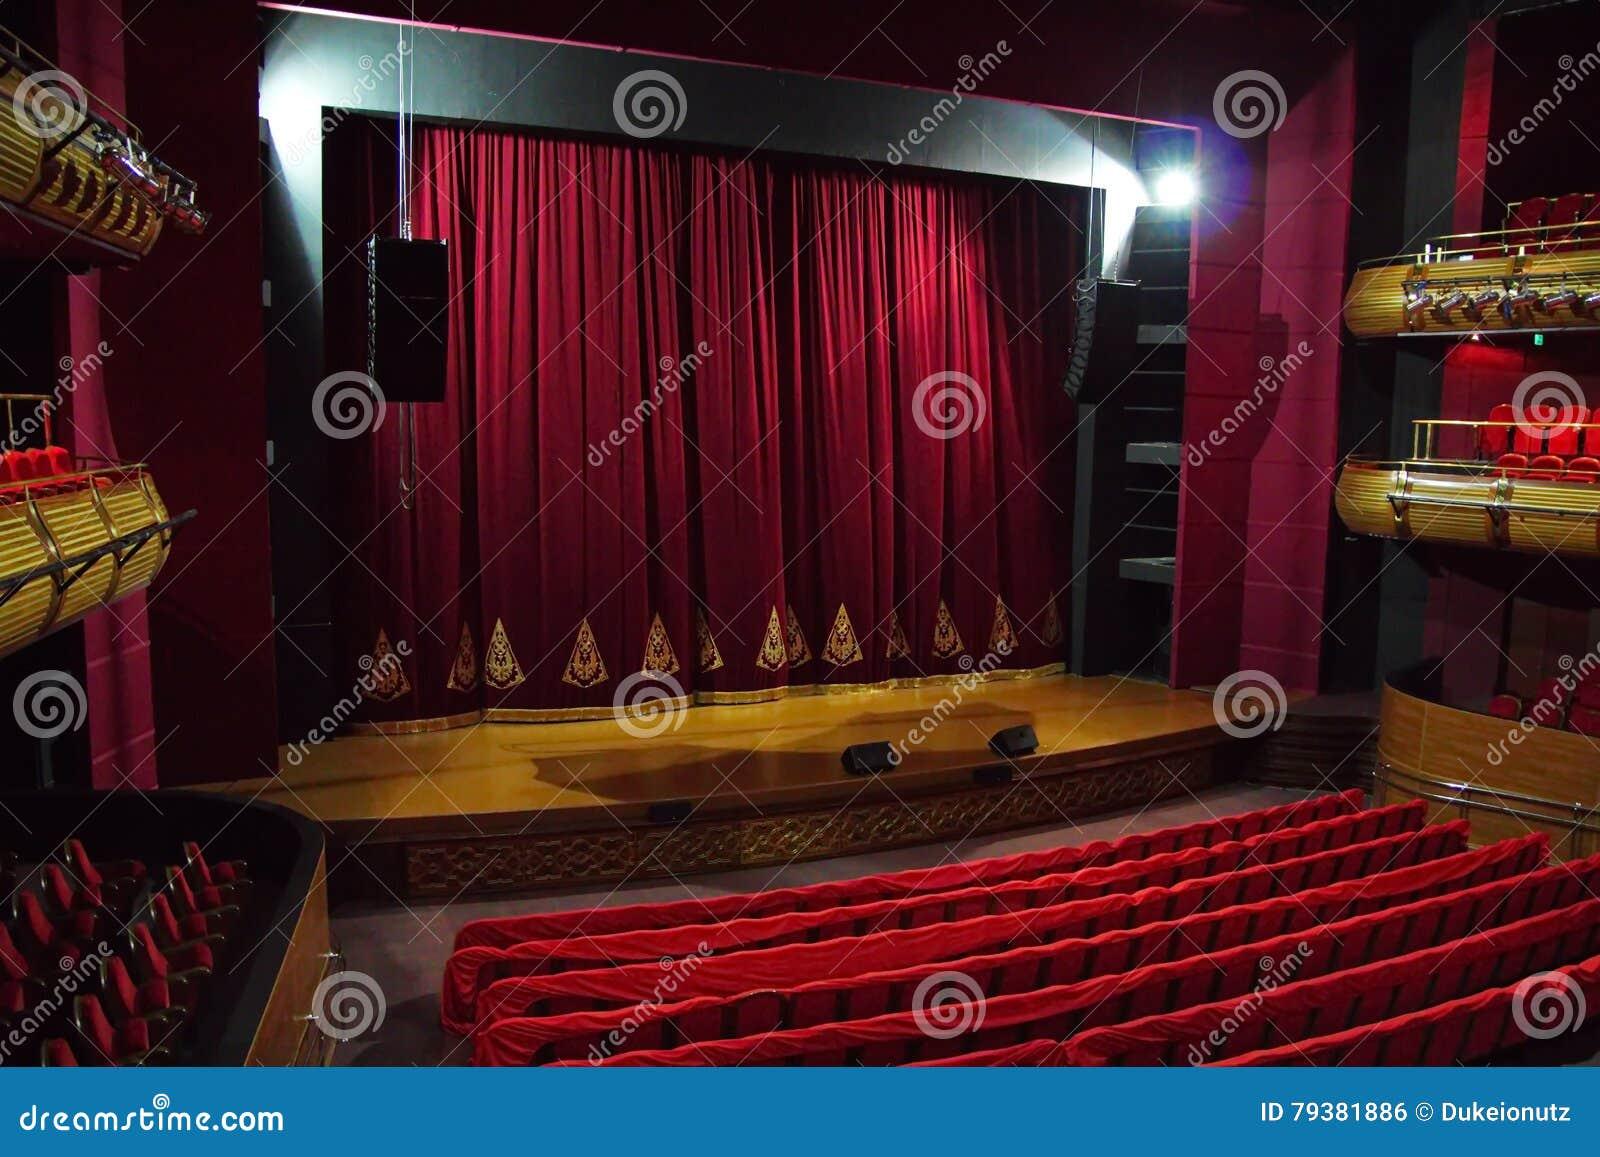 Παλάτι της ειρήνης και της συμφιλίωσης - όπερα